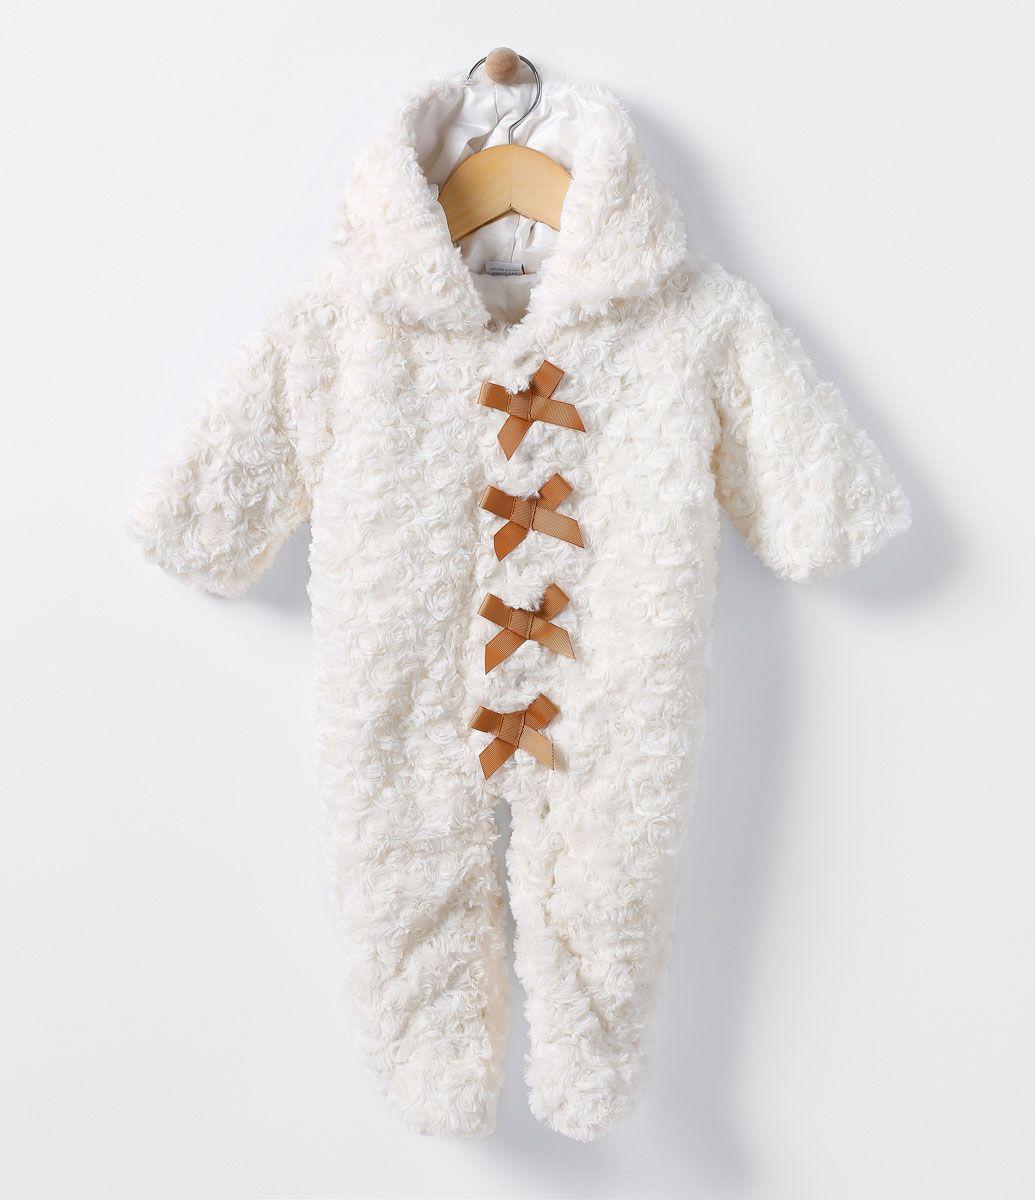 Macacão infantil Longo Com capuz Peludo Com laços aplicados Marca  Teddy  Boom Tecido  fleece 64d58a1cb10